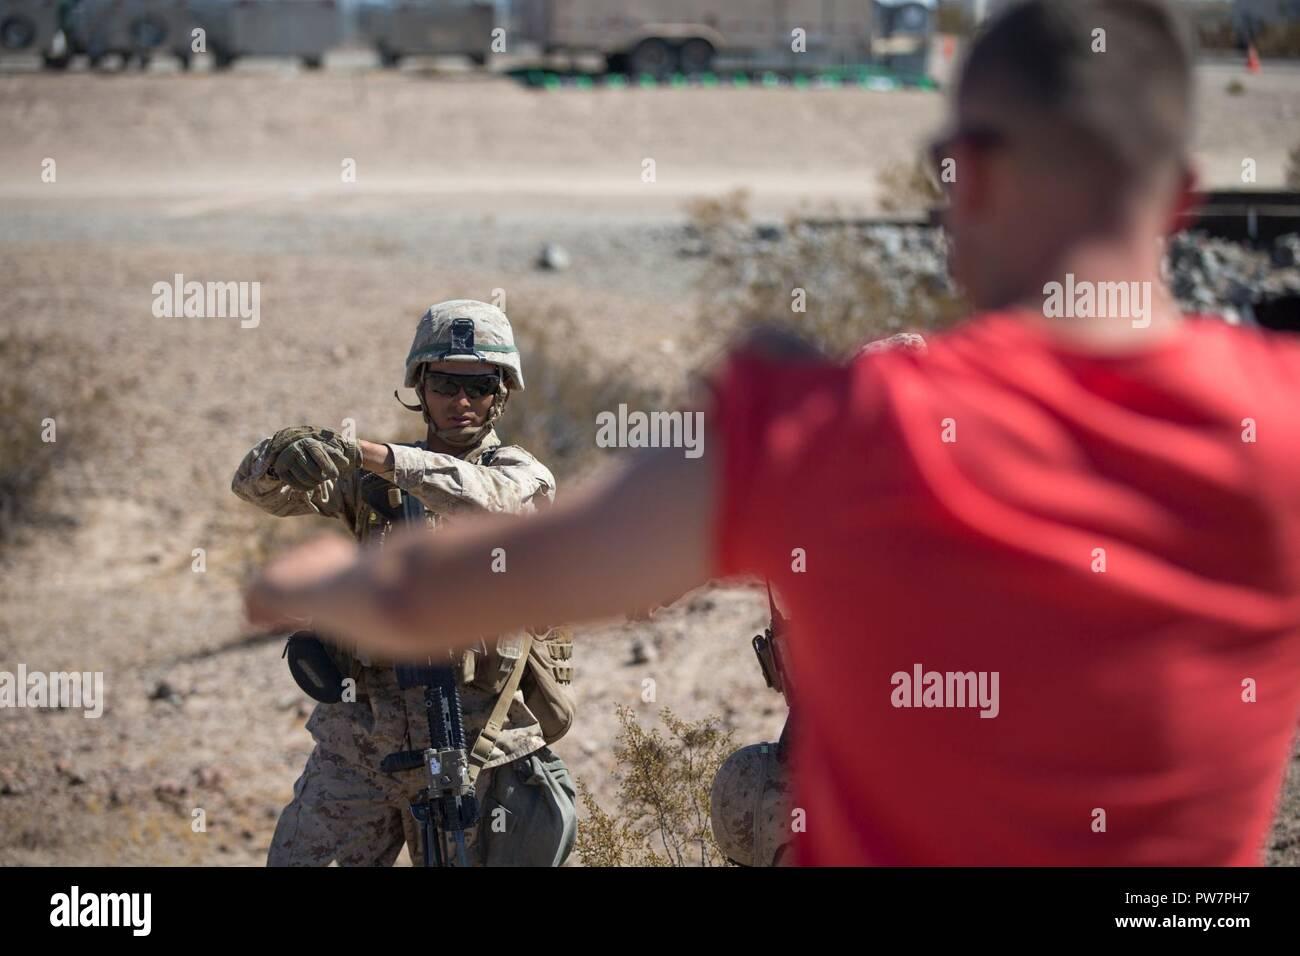 A U S  Marine Corps infantry Marine assigned to Kilo Company